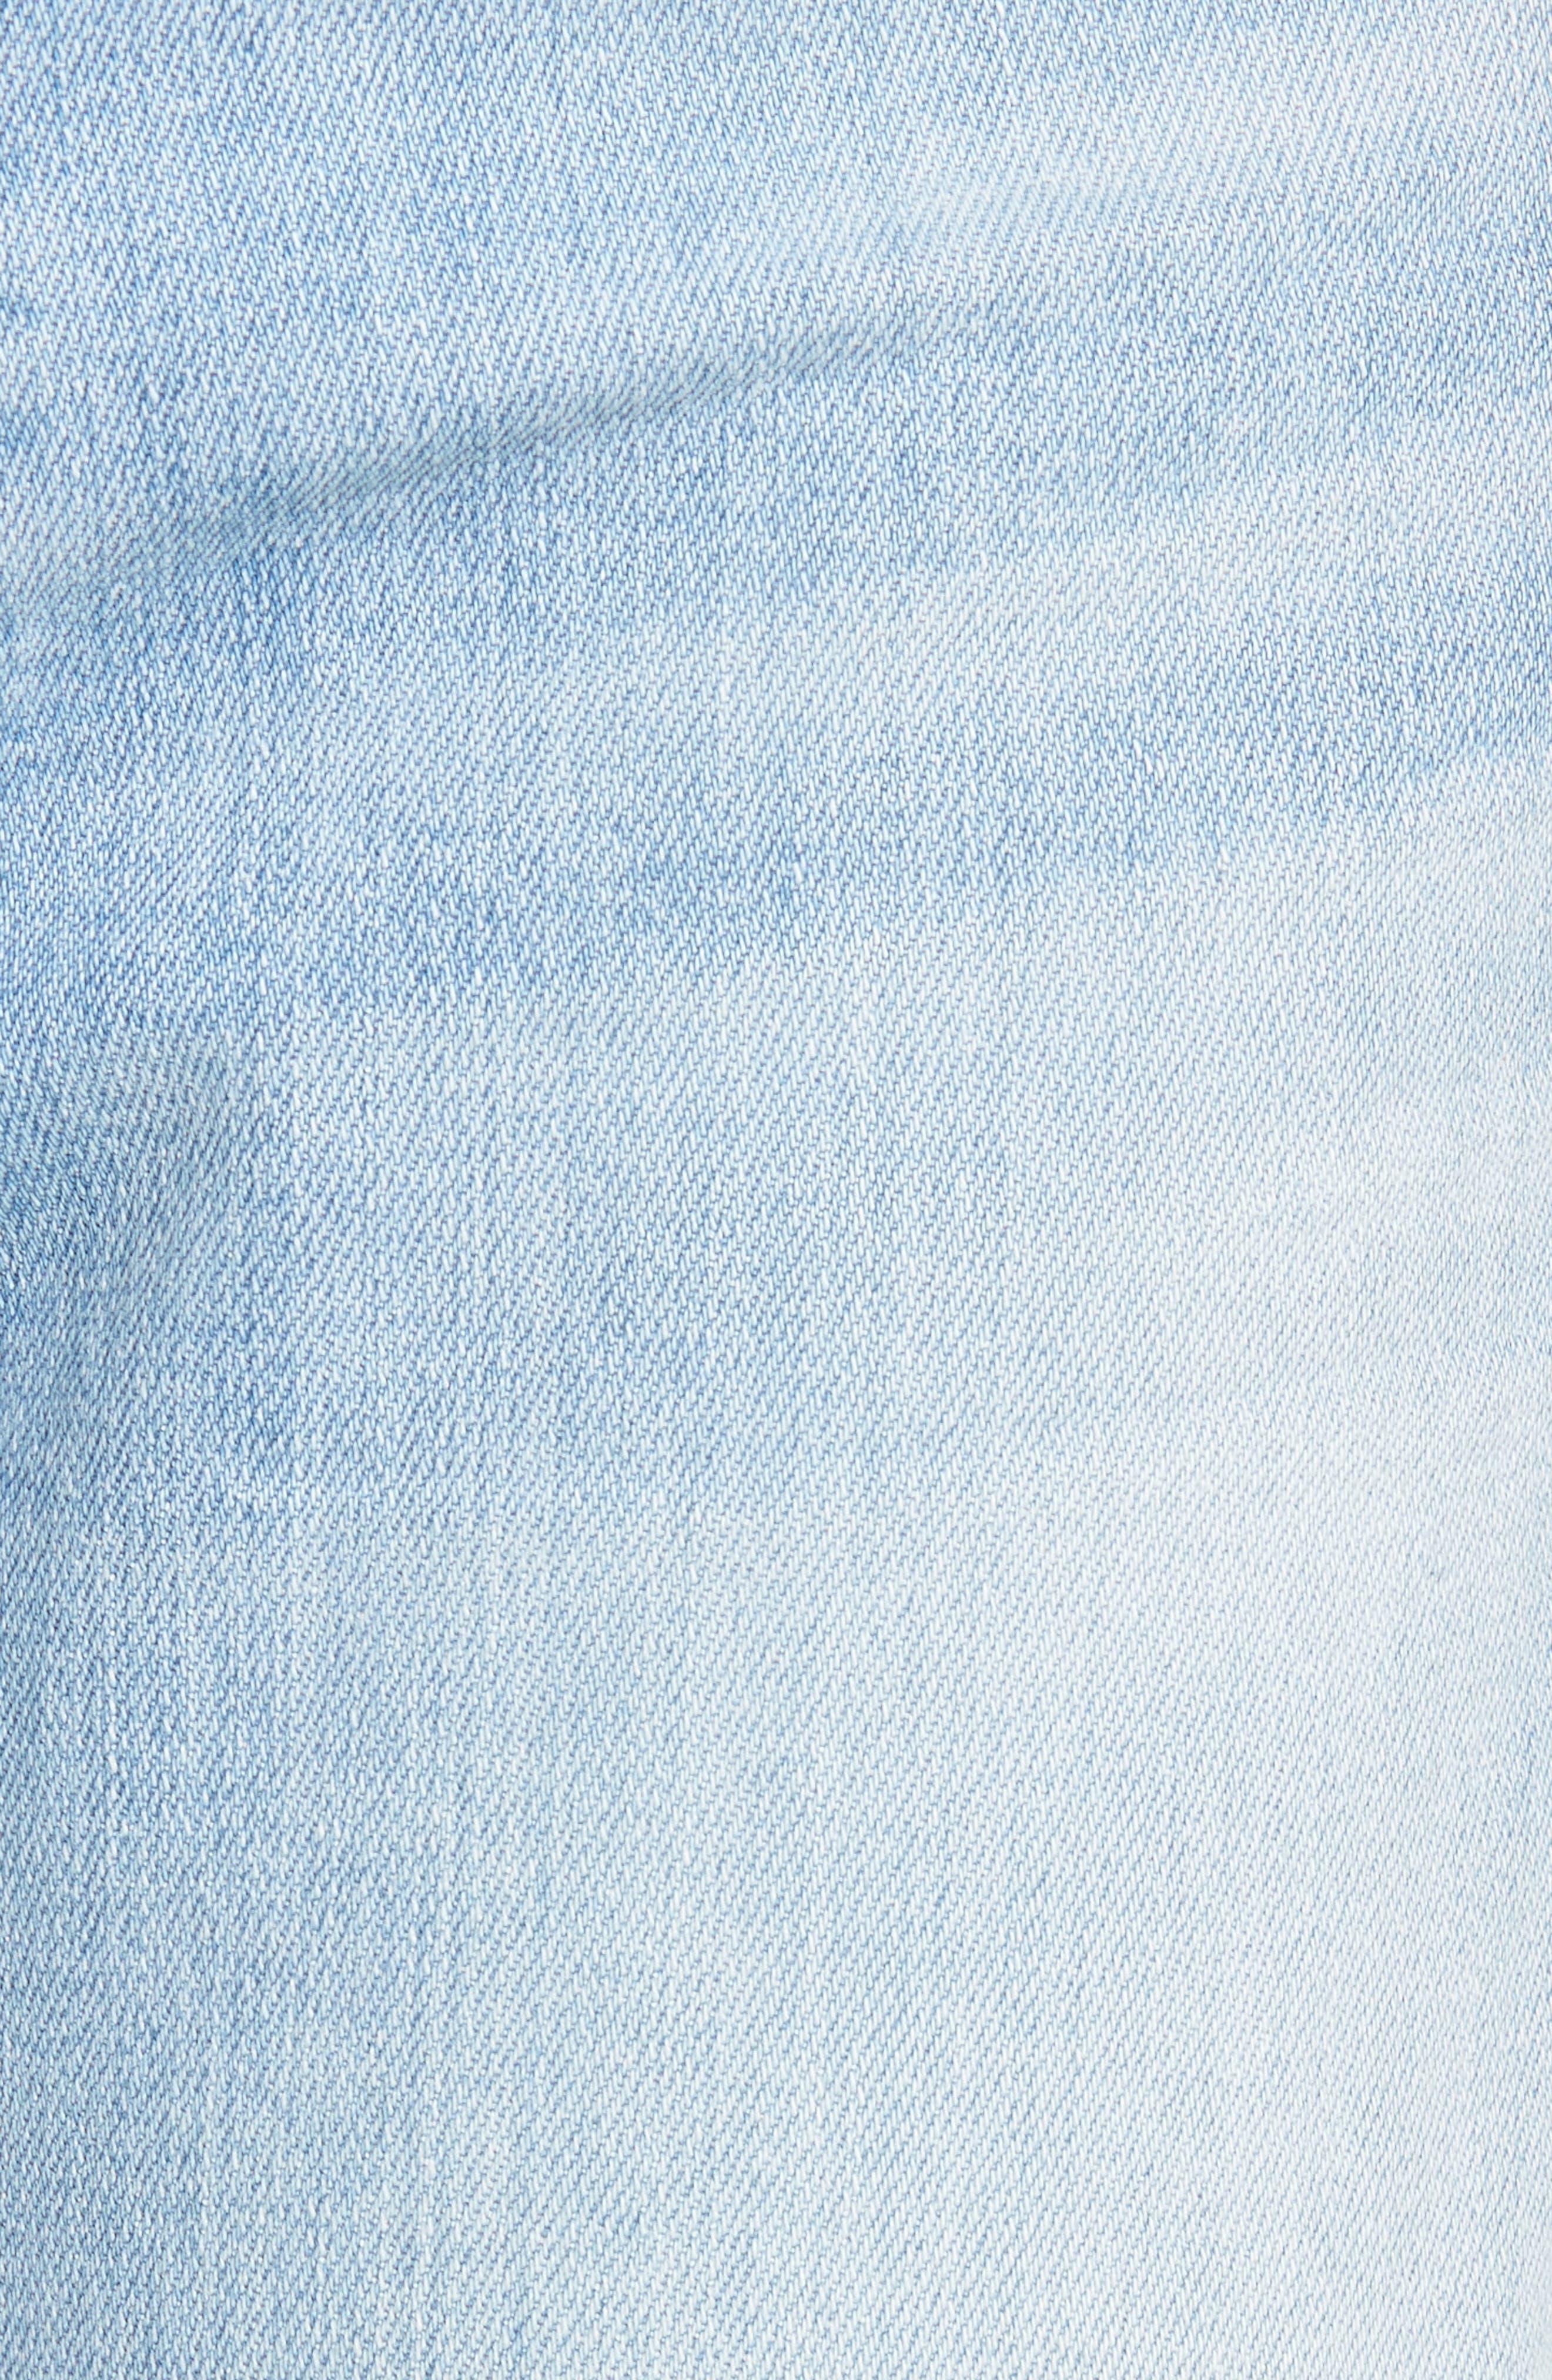 Alternate Image 5  - 7 For All Mankind® 'Josefina' Boyfriend Jeans (Ocean Breeze)